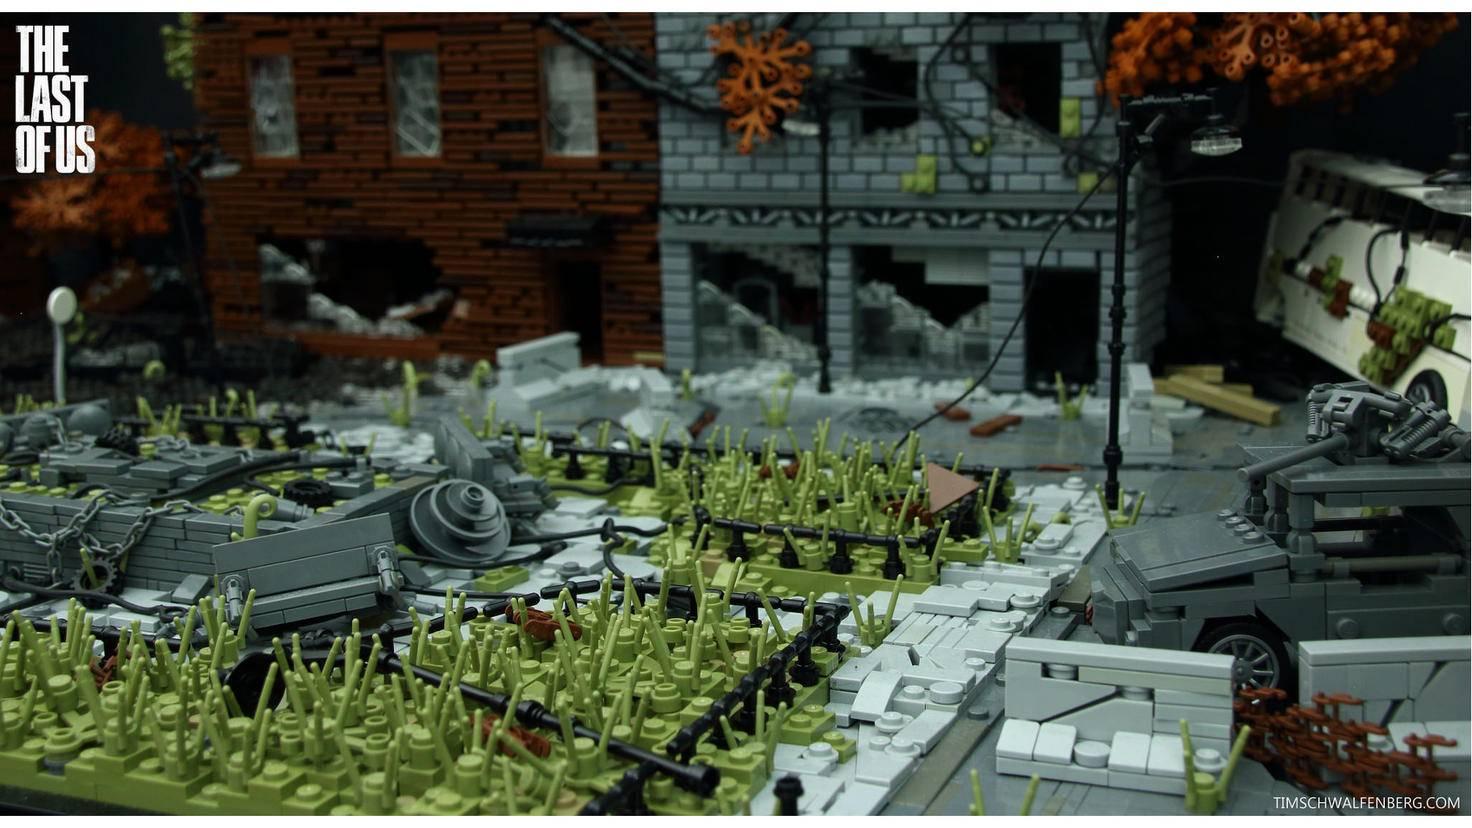 Die Detailverliebtheit des Lego-Bauwerks ist faszinierend.